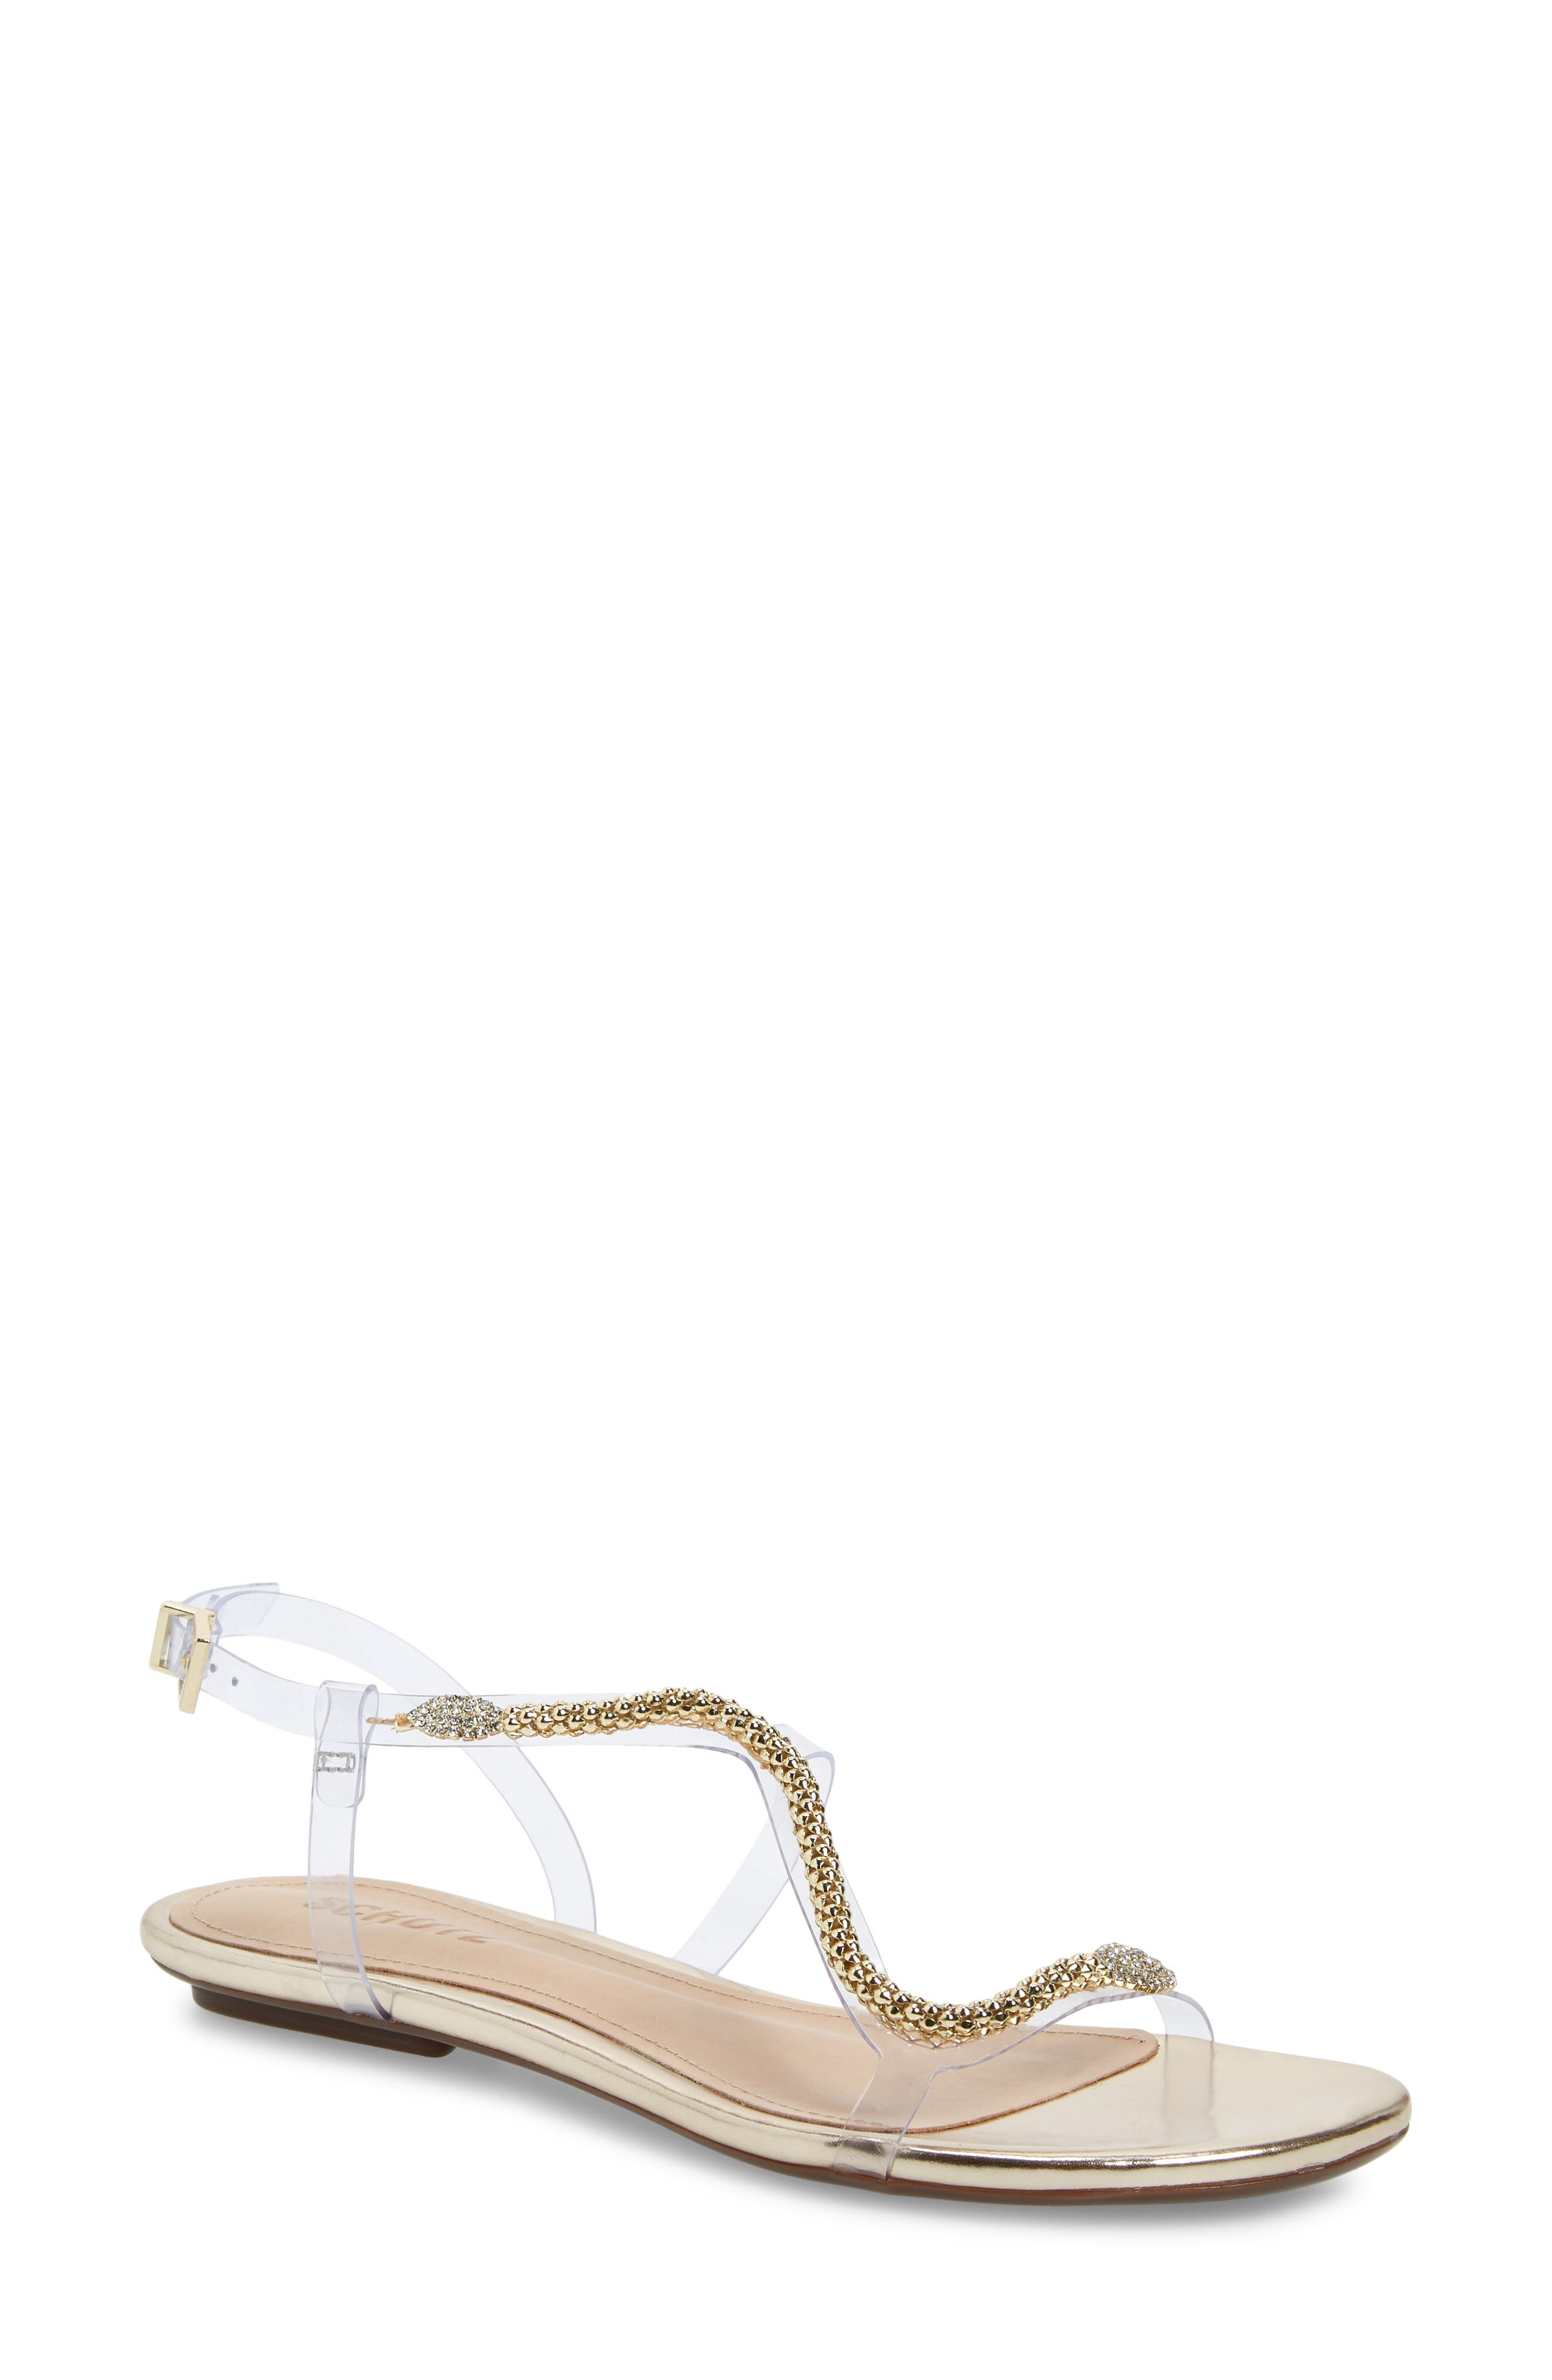 Gabbyl Embellished Sandal,                         Main,                         color, PLATINA